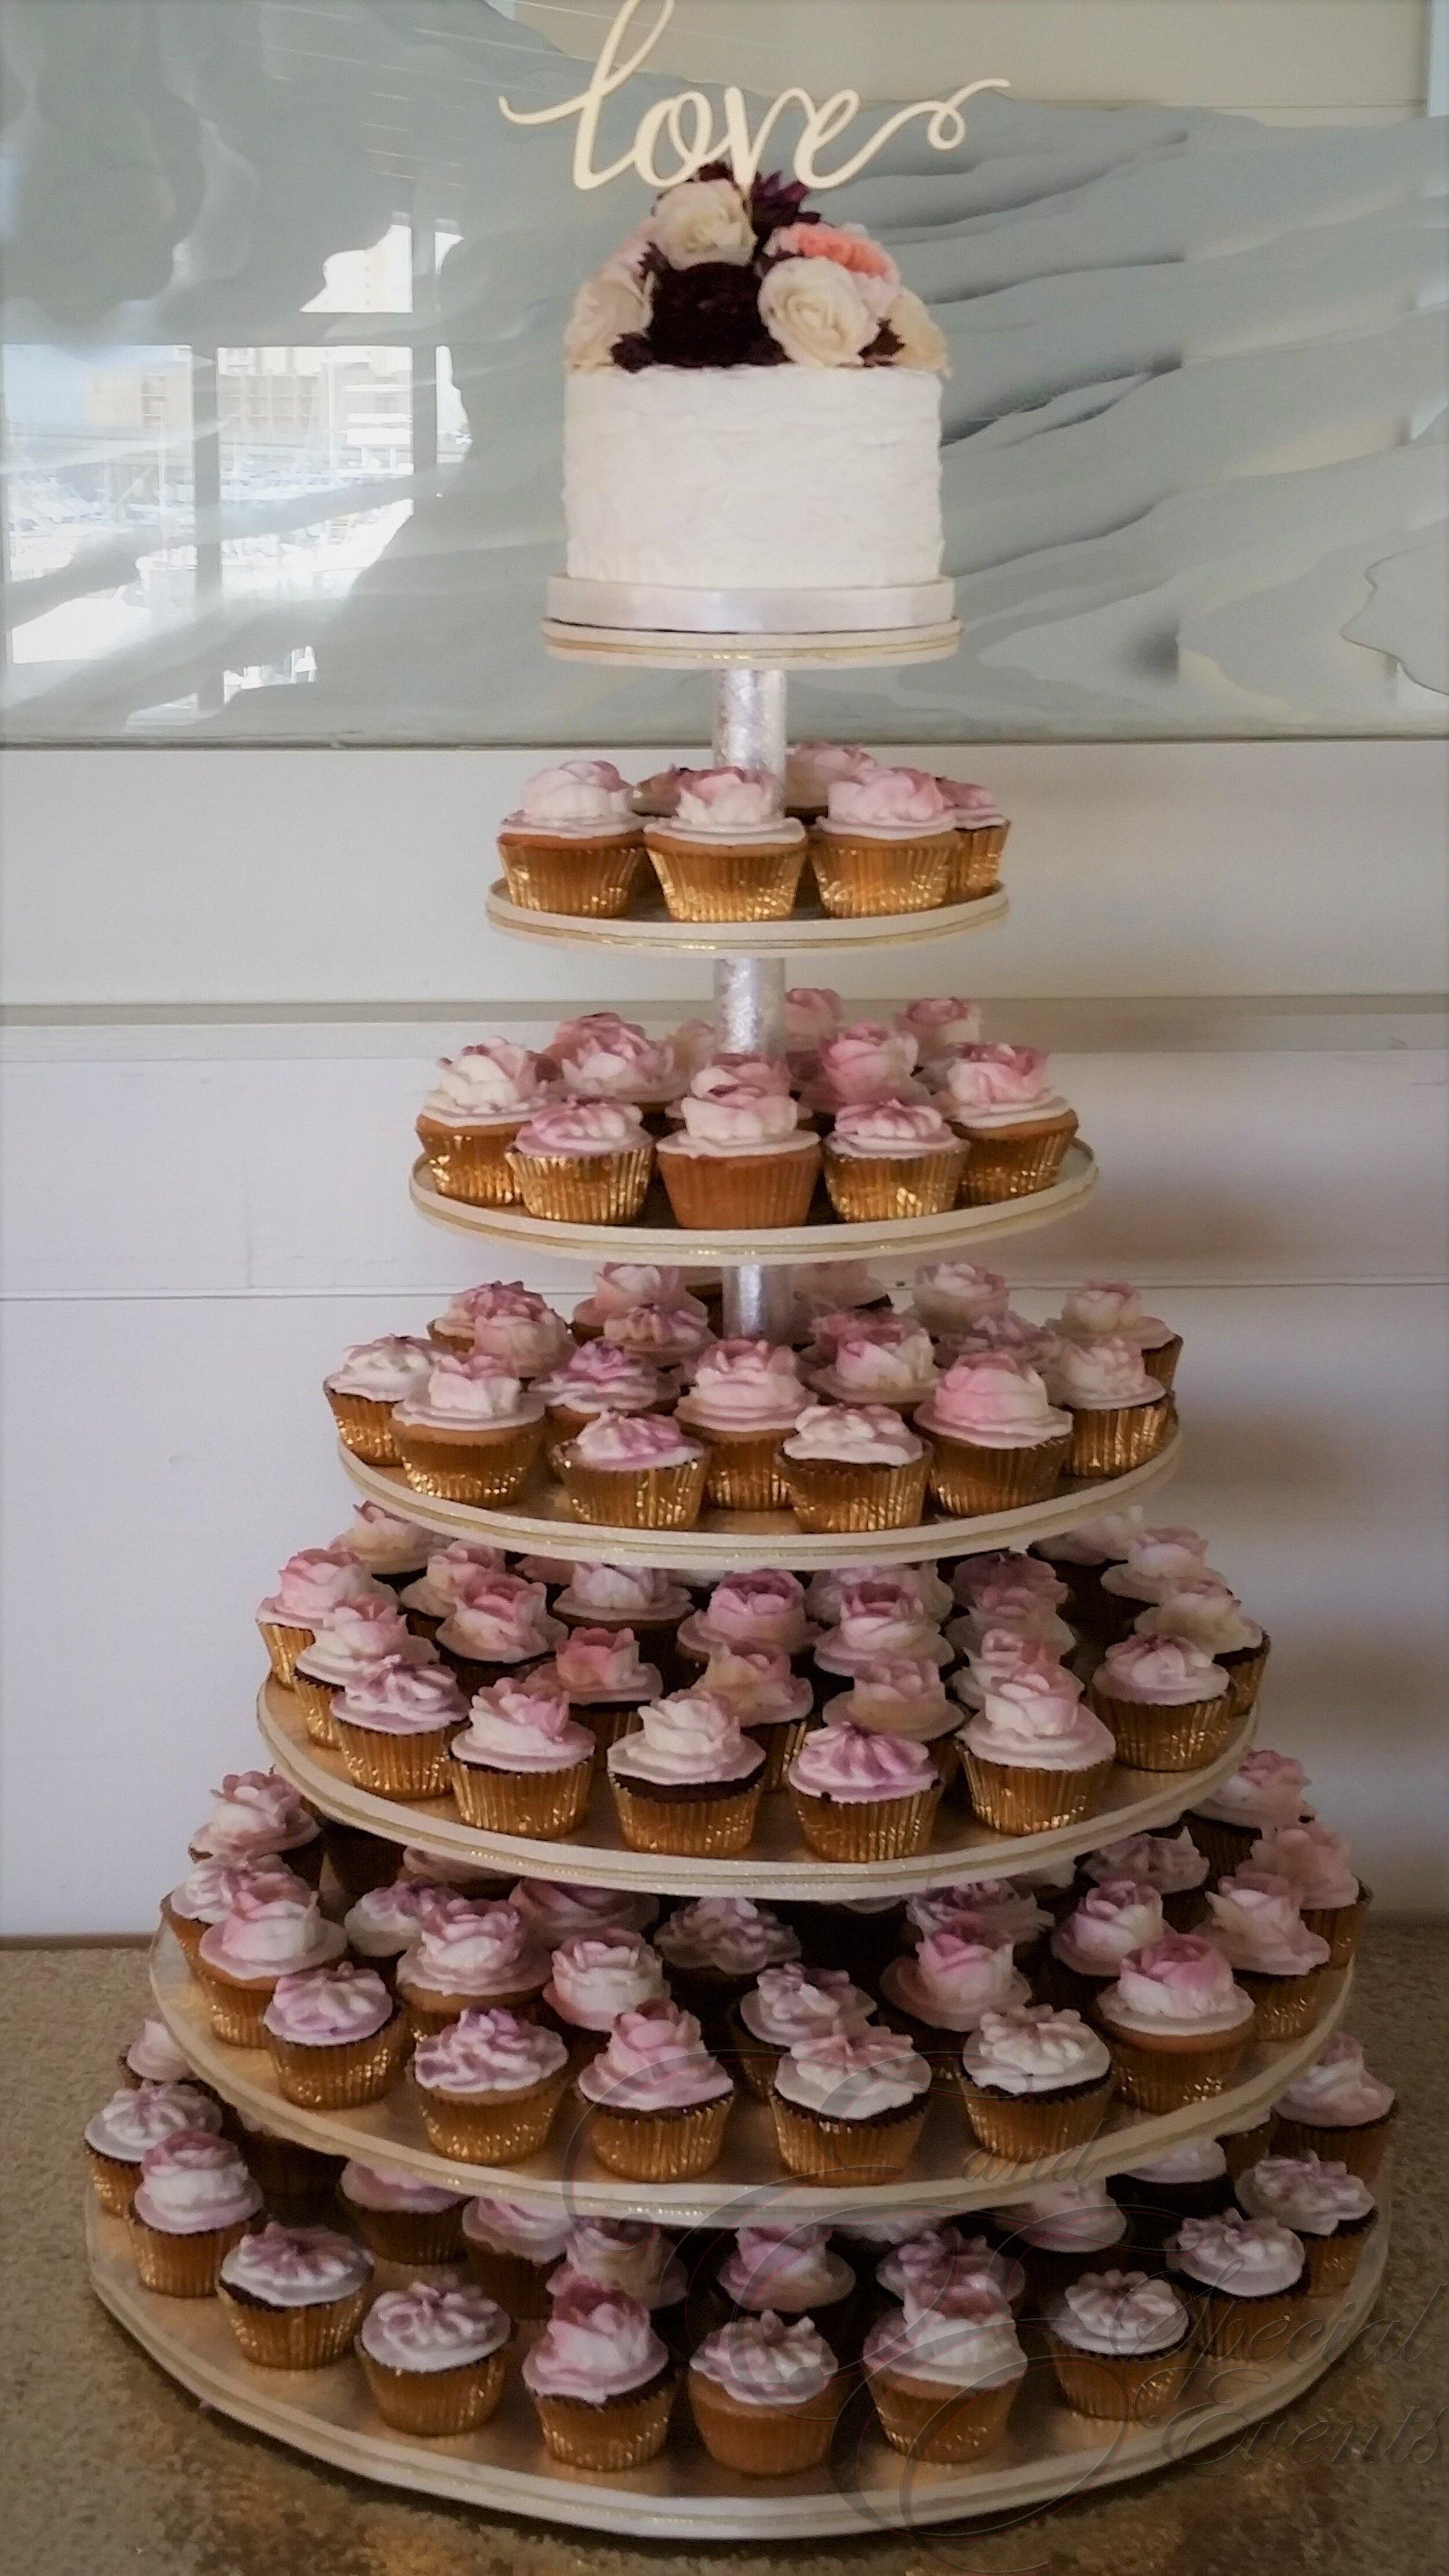 wedding_cakes_E_and_E_Special_Events_virginia_beach_25.jpg